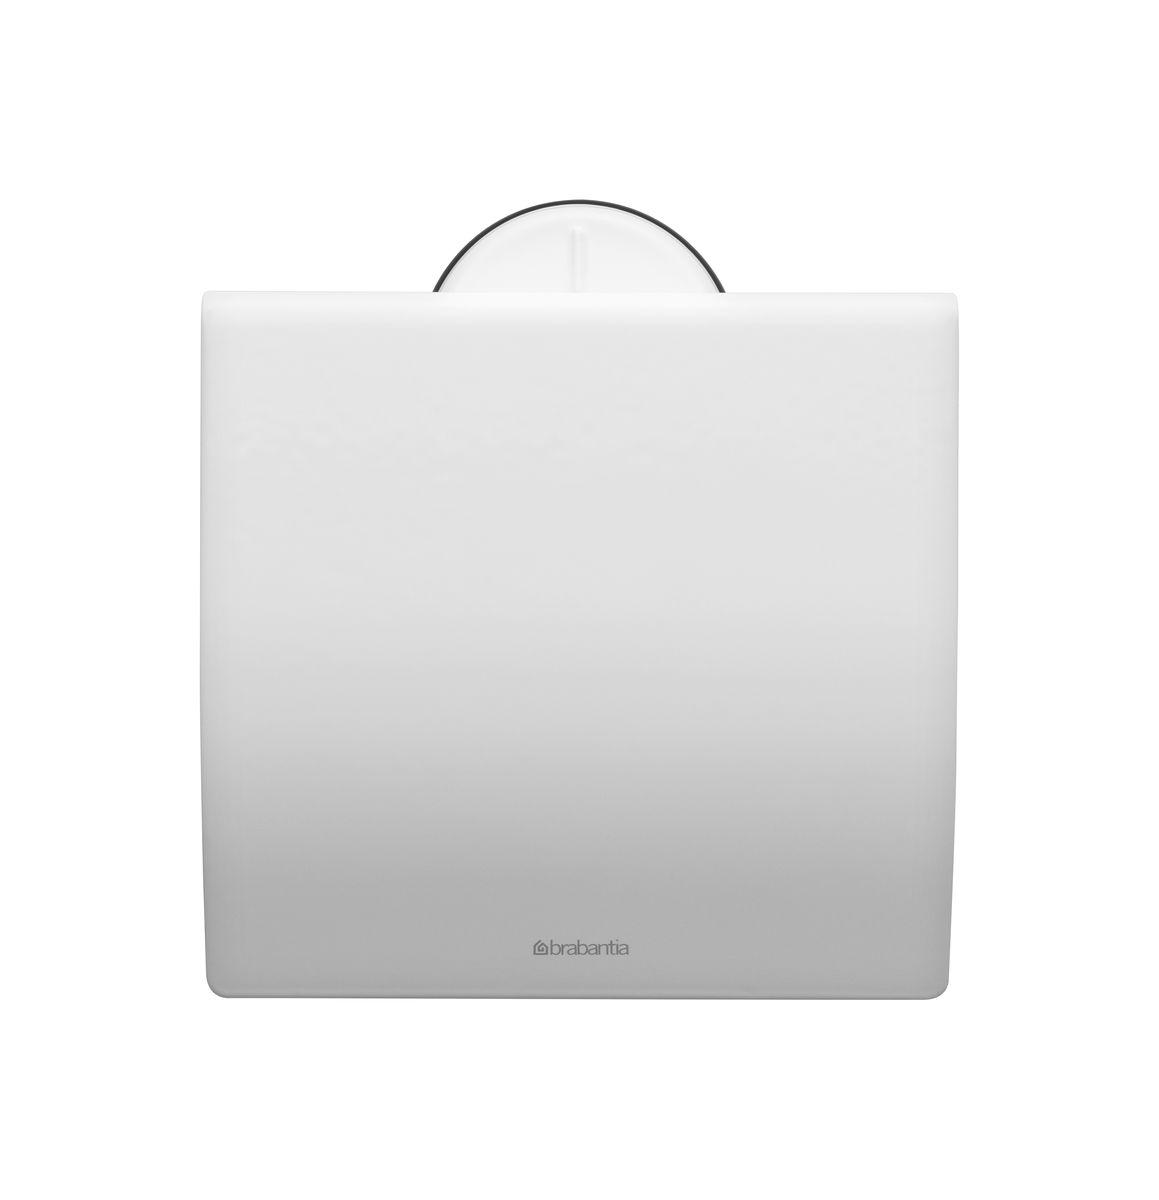 Держатель для туалетной бумаги Brabantia Profile, цвет: белый. 483387483387Устойчивость к коррозии – идеальное решение для ванной или туалетной комнаты. Держатель для рулона может крепиться как с правой, так и с левой стороны. Изготовлен из высококачественной нержавеющей стали с коррозионностойким покрытием или из хромированной стали. Крепежная пластина из пластика. Превосходно сочетается с туалетным ершиком, мусорными баками и другими изделиями Brabantia.